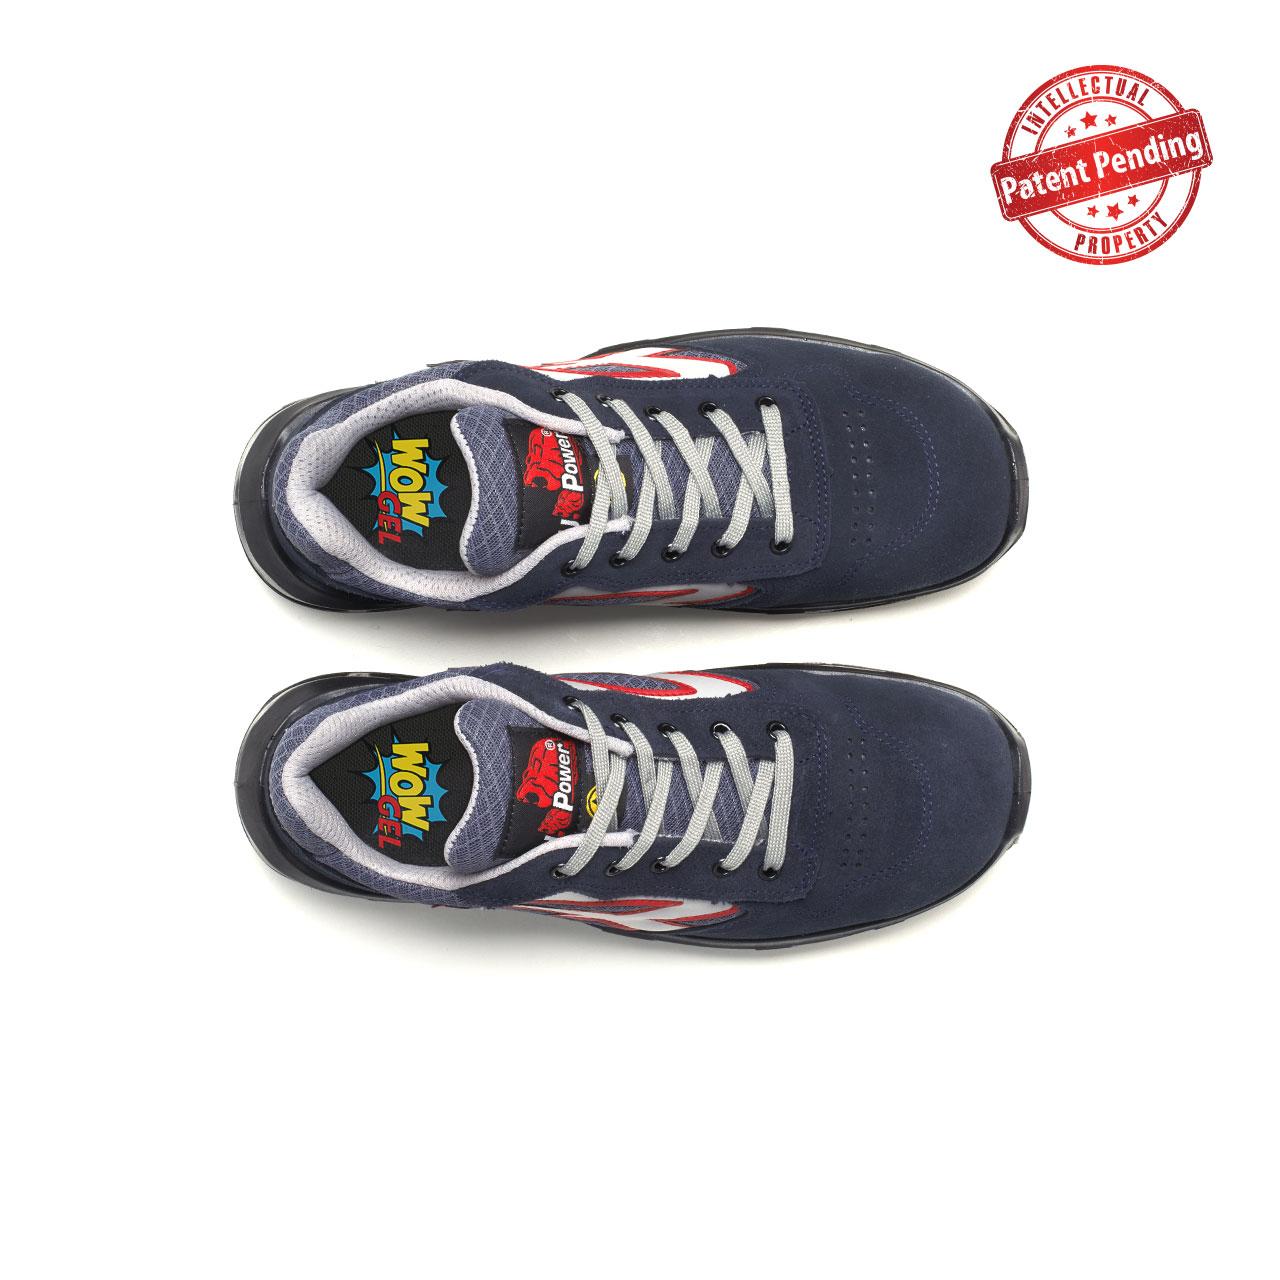 paio di scarpe antinfortunistiche upower modello active carpet linea redcarpet vista top